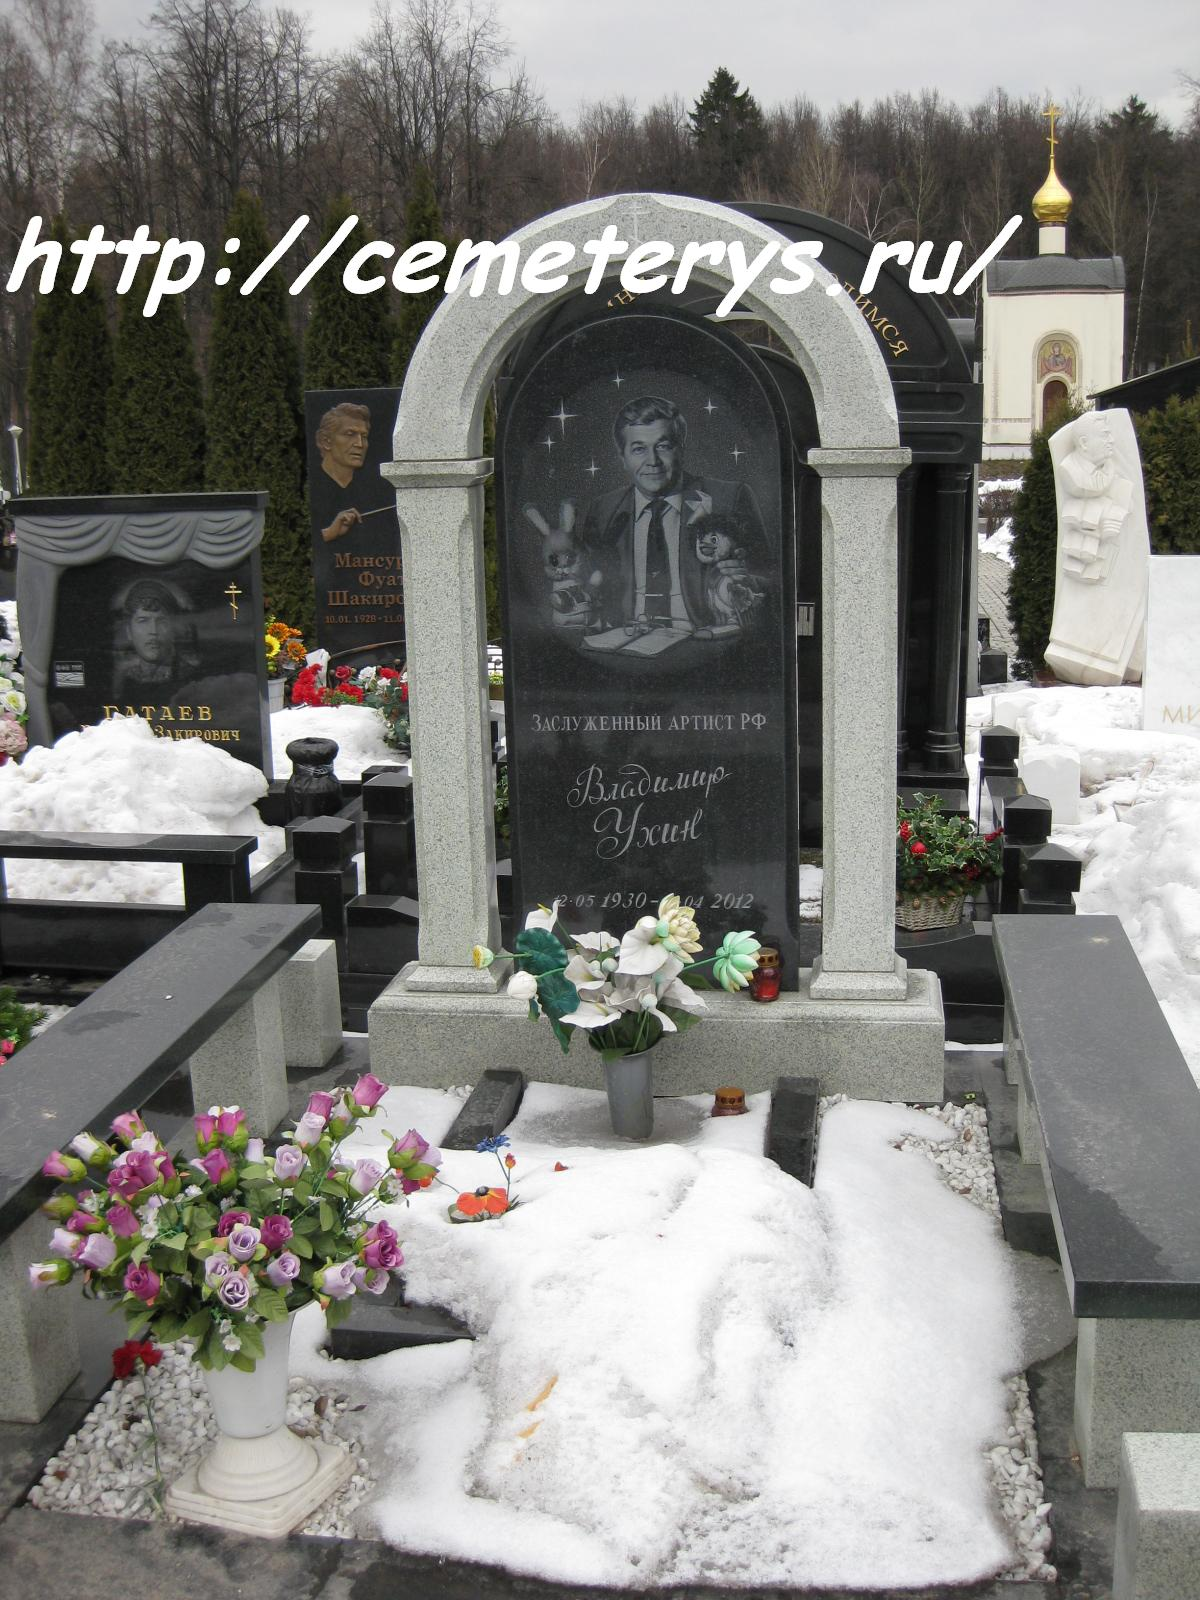 могила Владимира Ухина на Троекуровском кладбище в Москве  (фото Дмитрия Кондратьева)